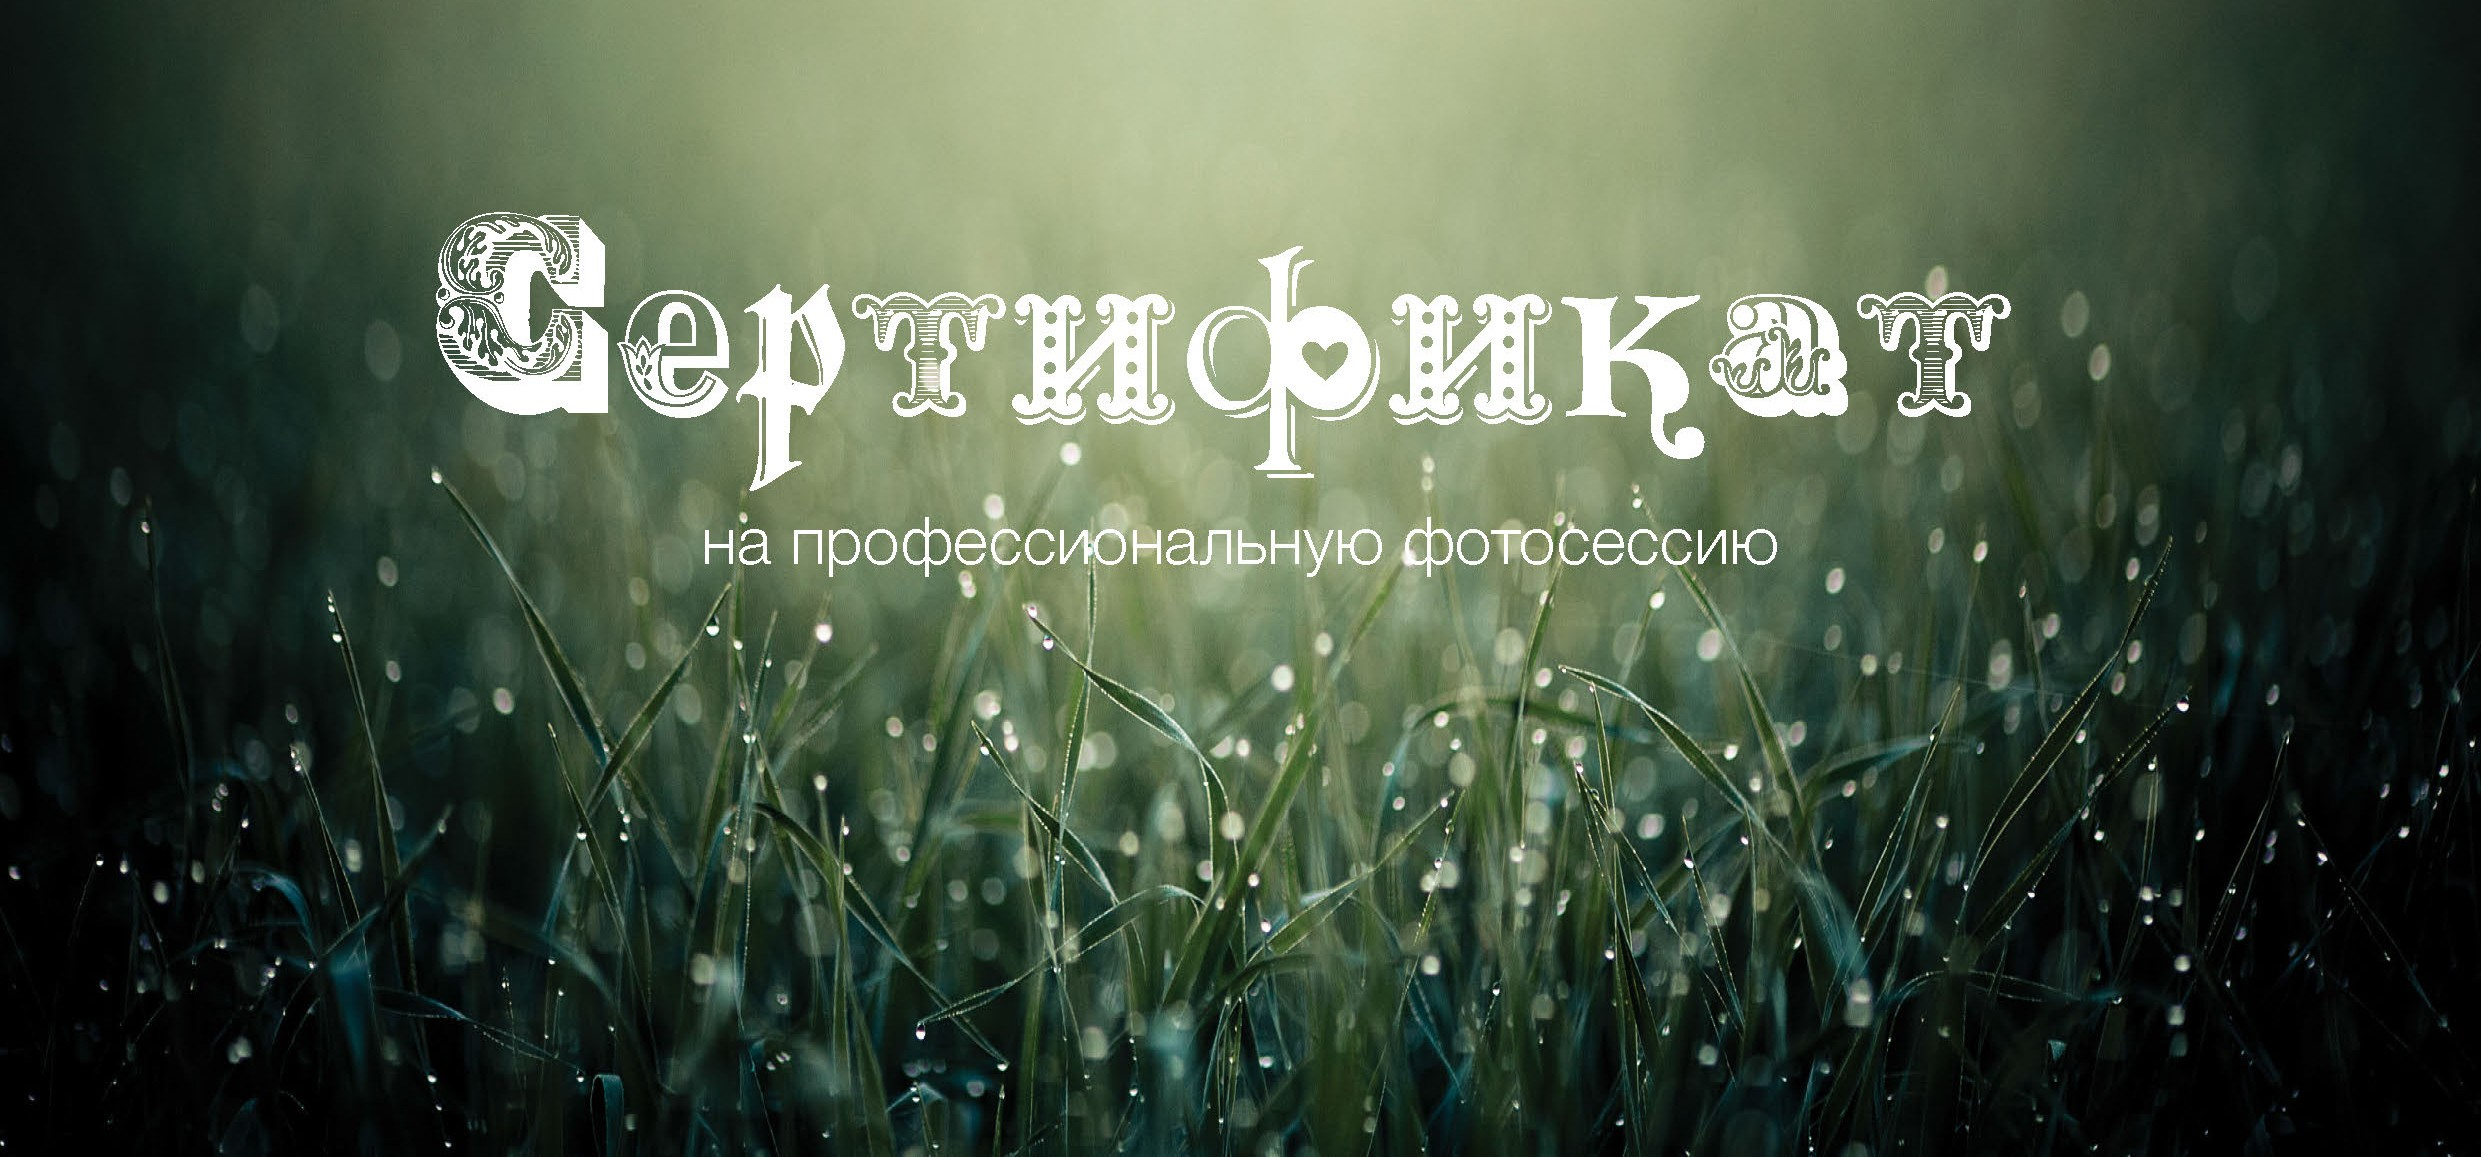 Сертификат на фотосессии в Павловске